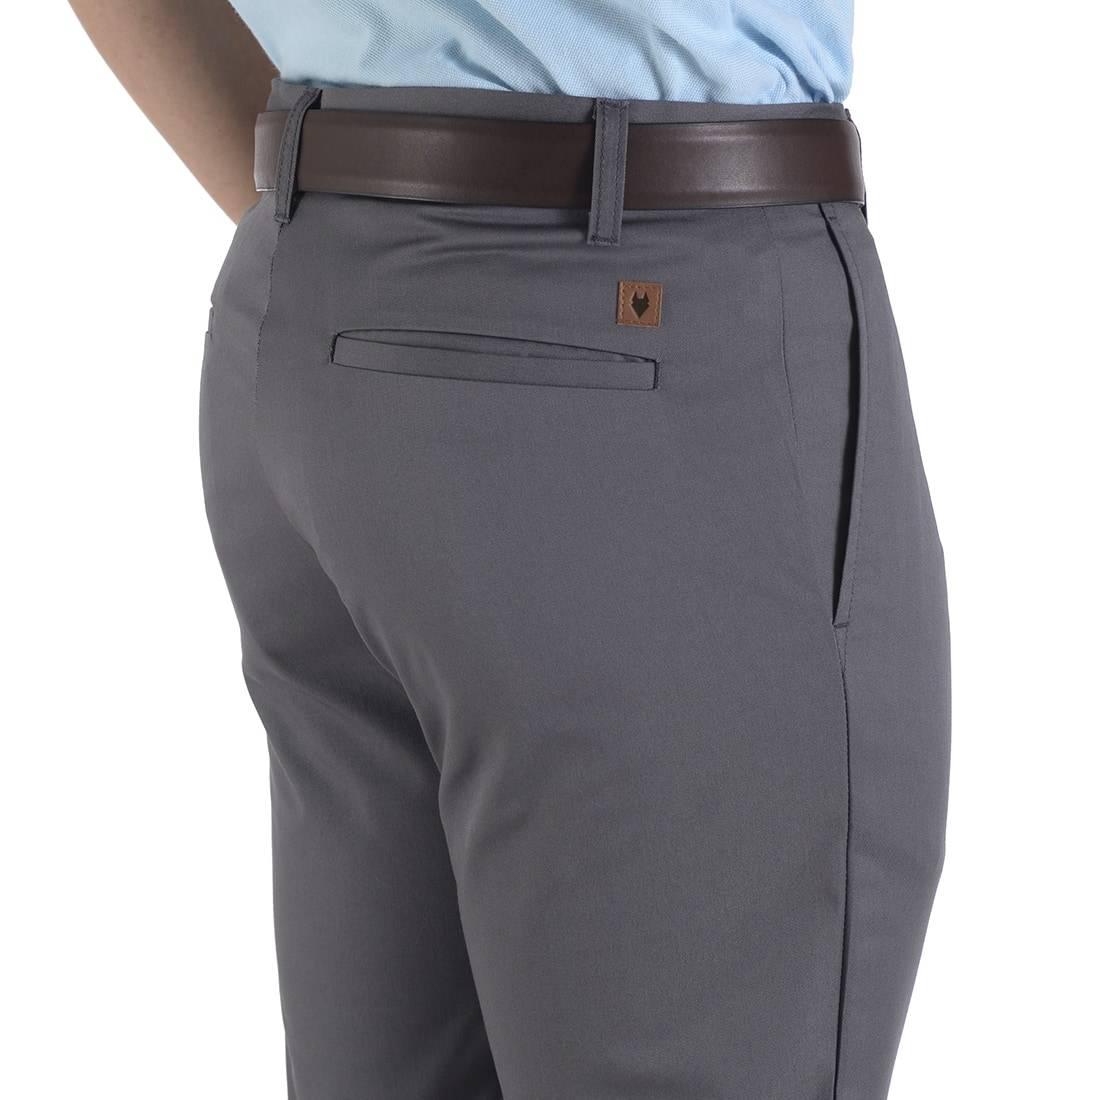 010789055287-04-Pantalon-Casual-Classic-Fit-Verde-yale